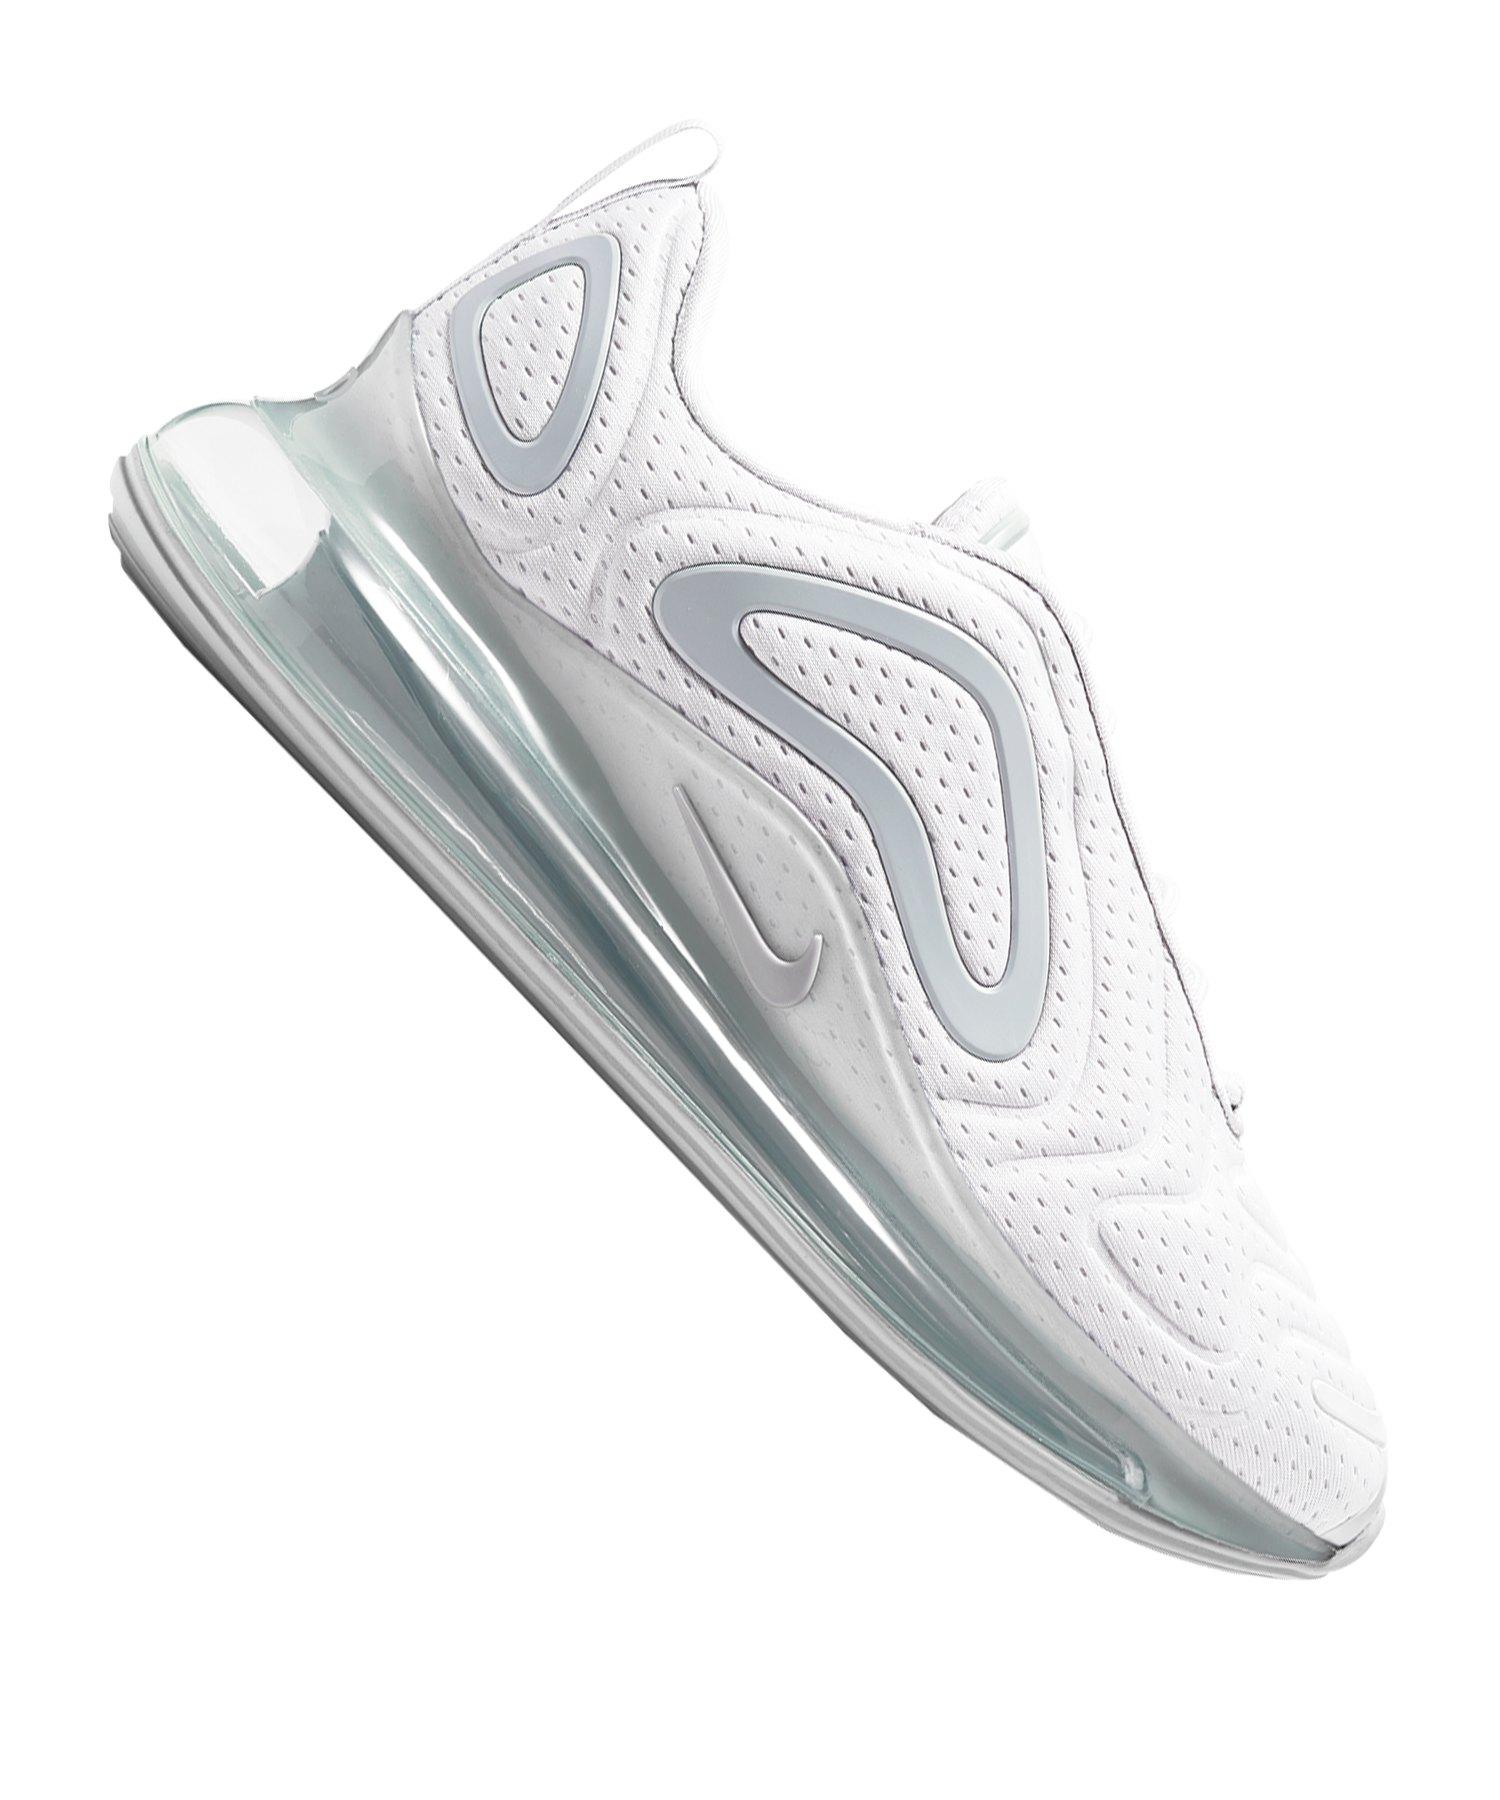 Schön Nike Air Max 1 Ultra Essentials SchwarzSchwarz